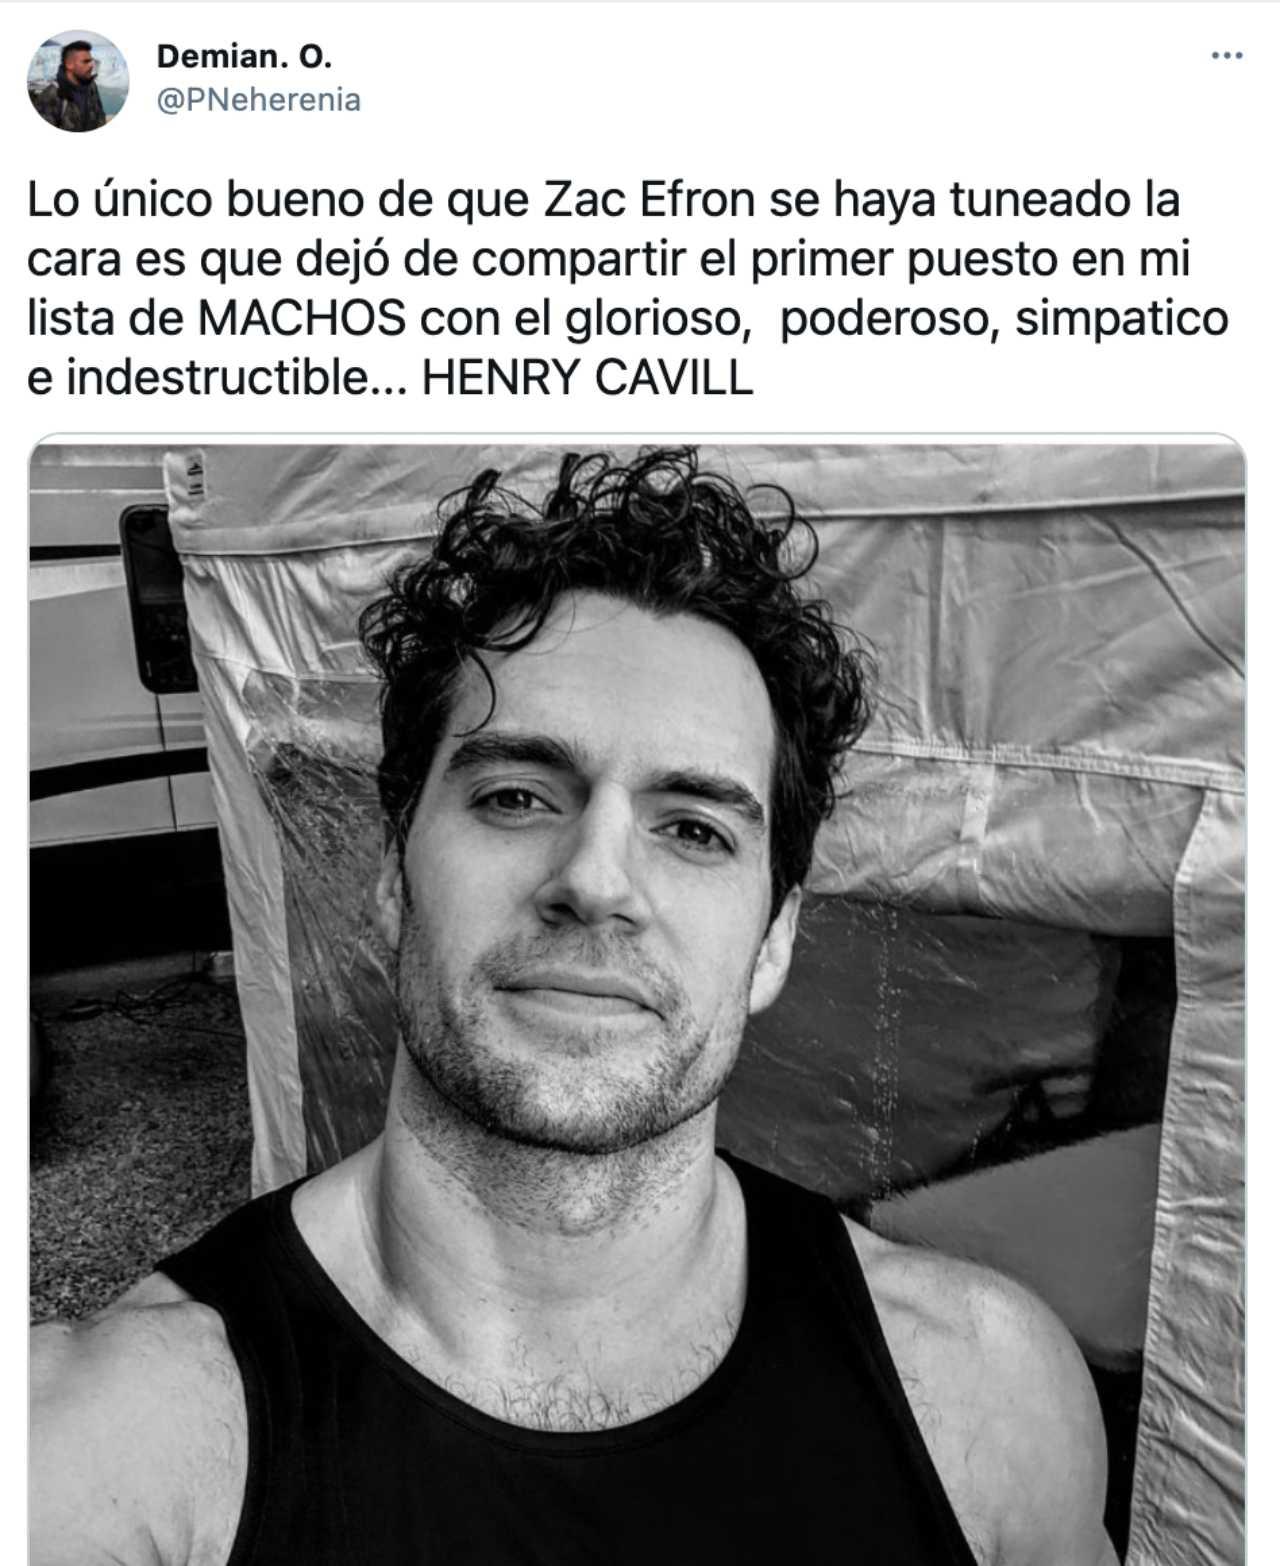 Zac Efron comparado con Henry Cavill en meme